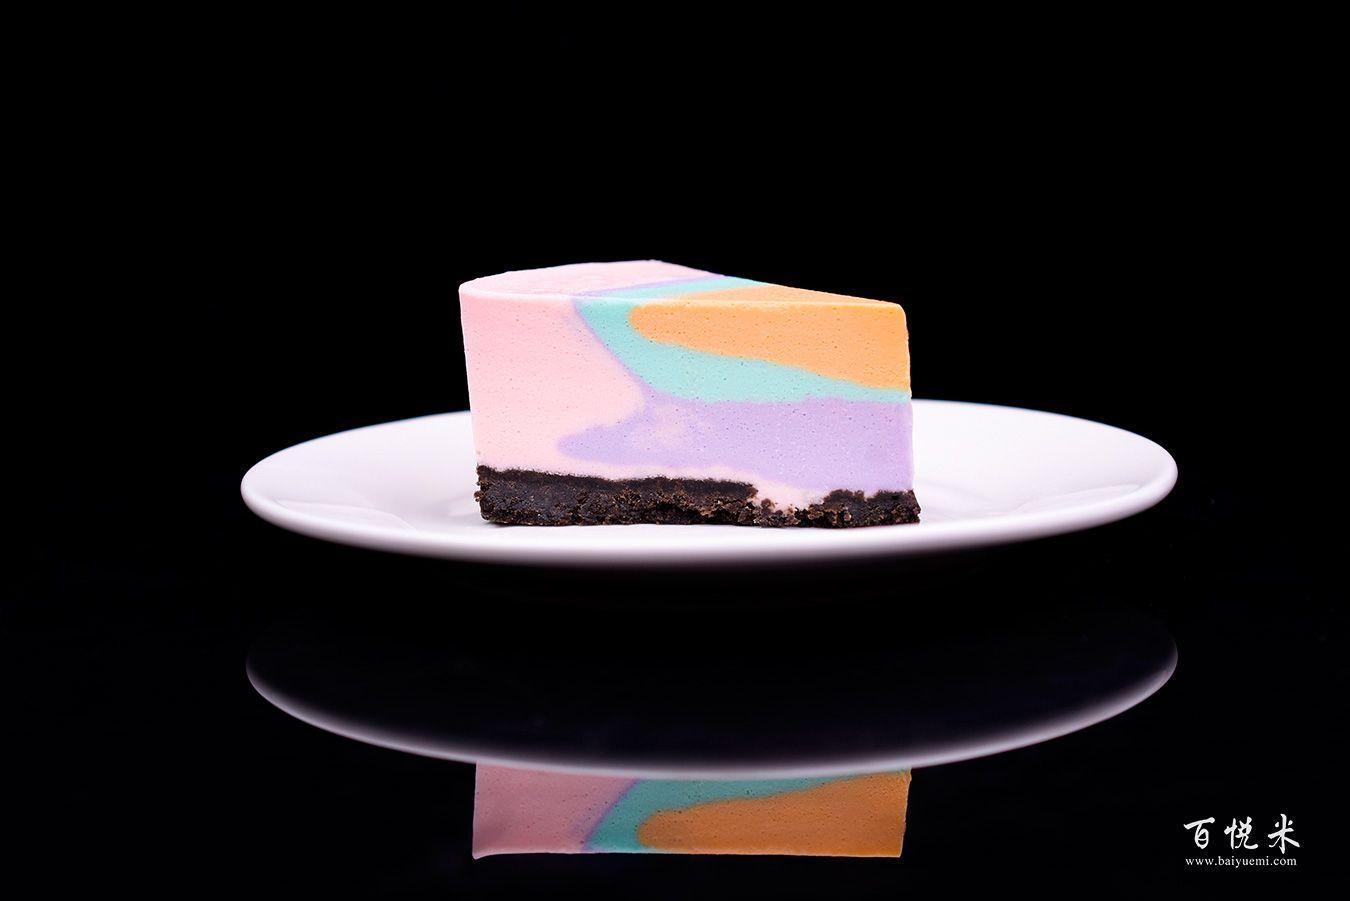 彩虹慕斯蛋糕高清图片大全【蛋糕图片】_667